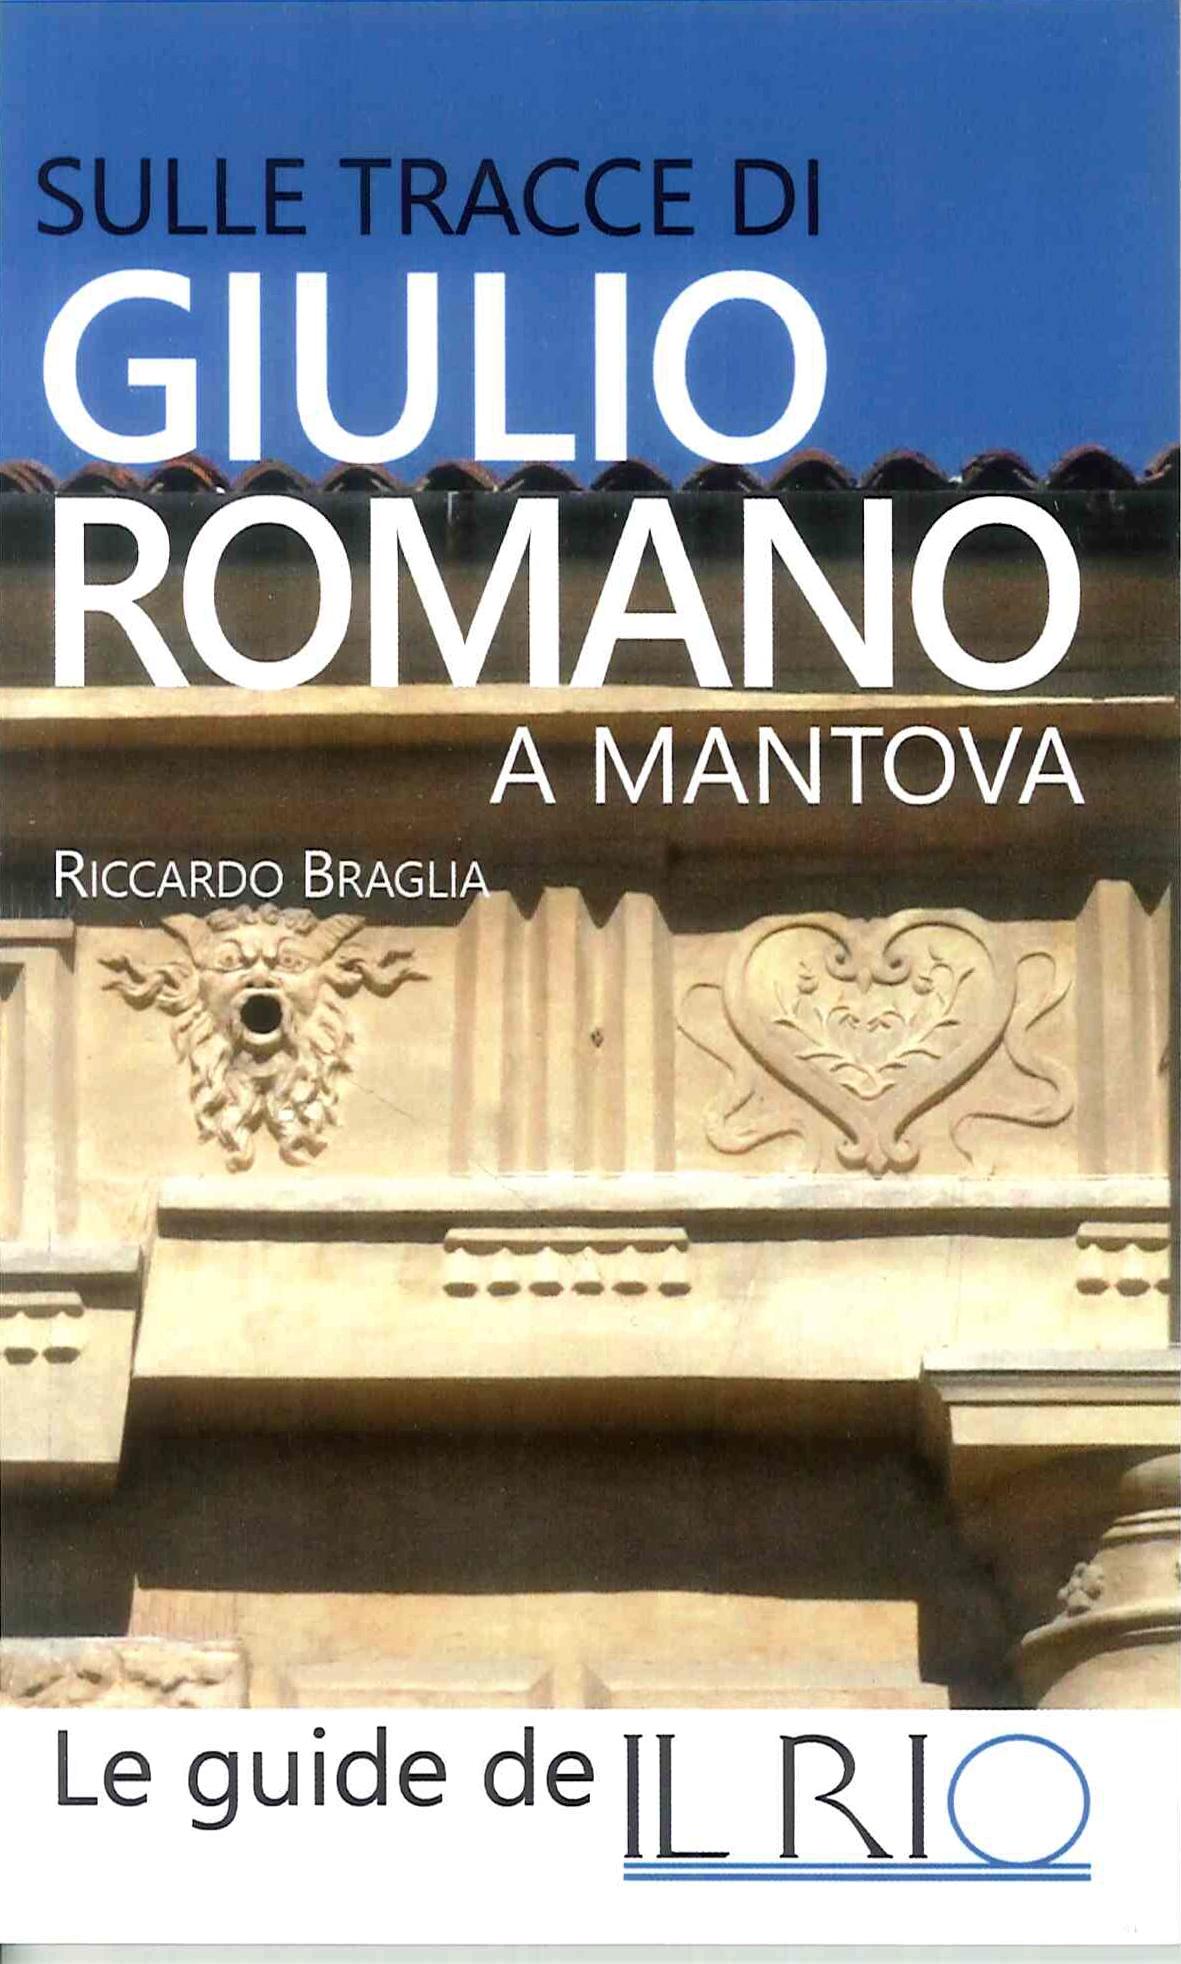 Sulle Tracce di Giulio Romano a Mantova. Opere e Testimonianze dell'Artista che Ha Trasformato la Città dei Gonzaga nella Seconda Roma.